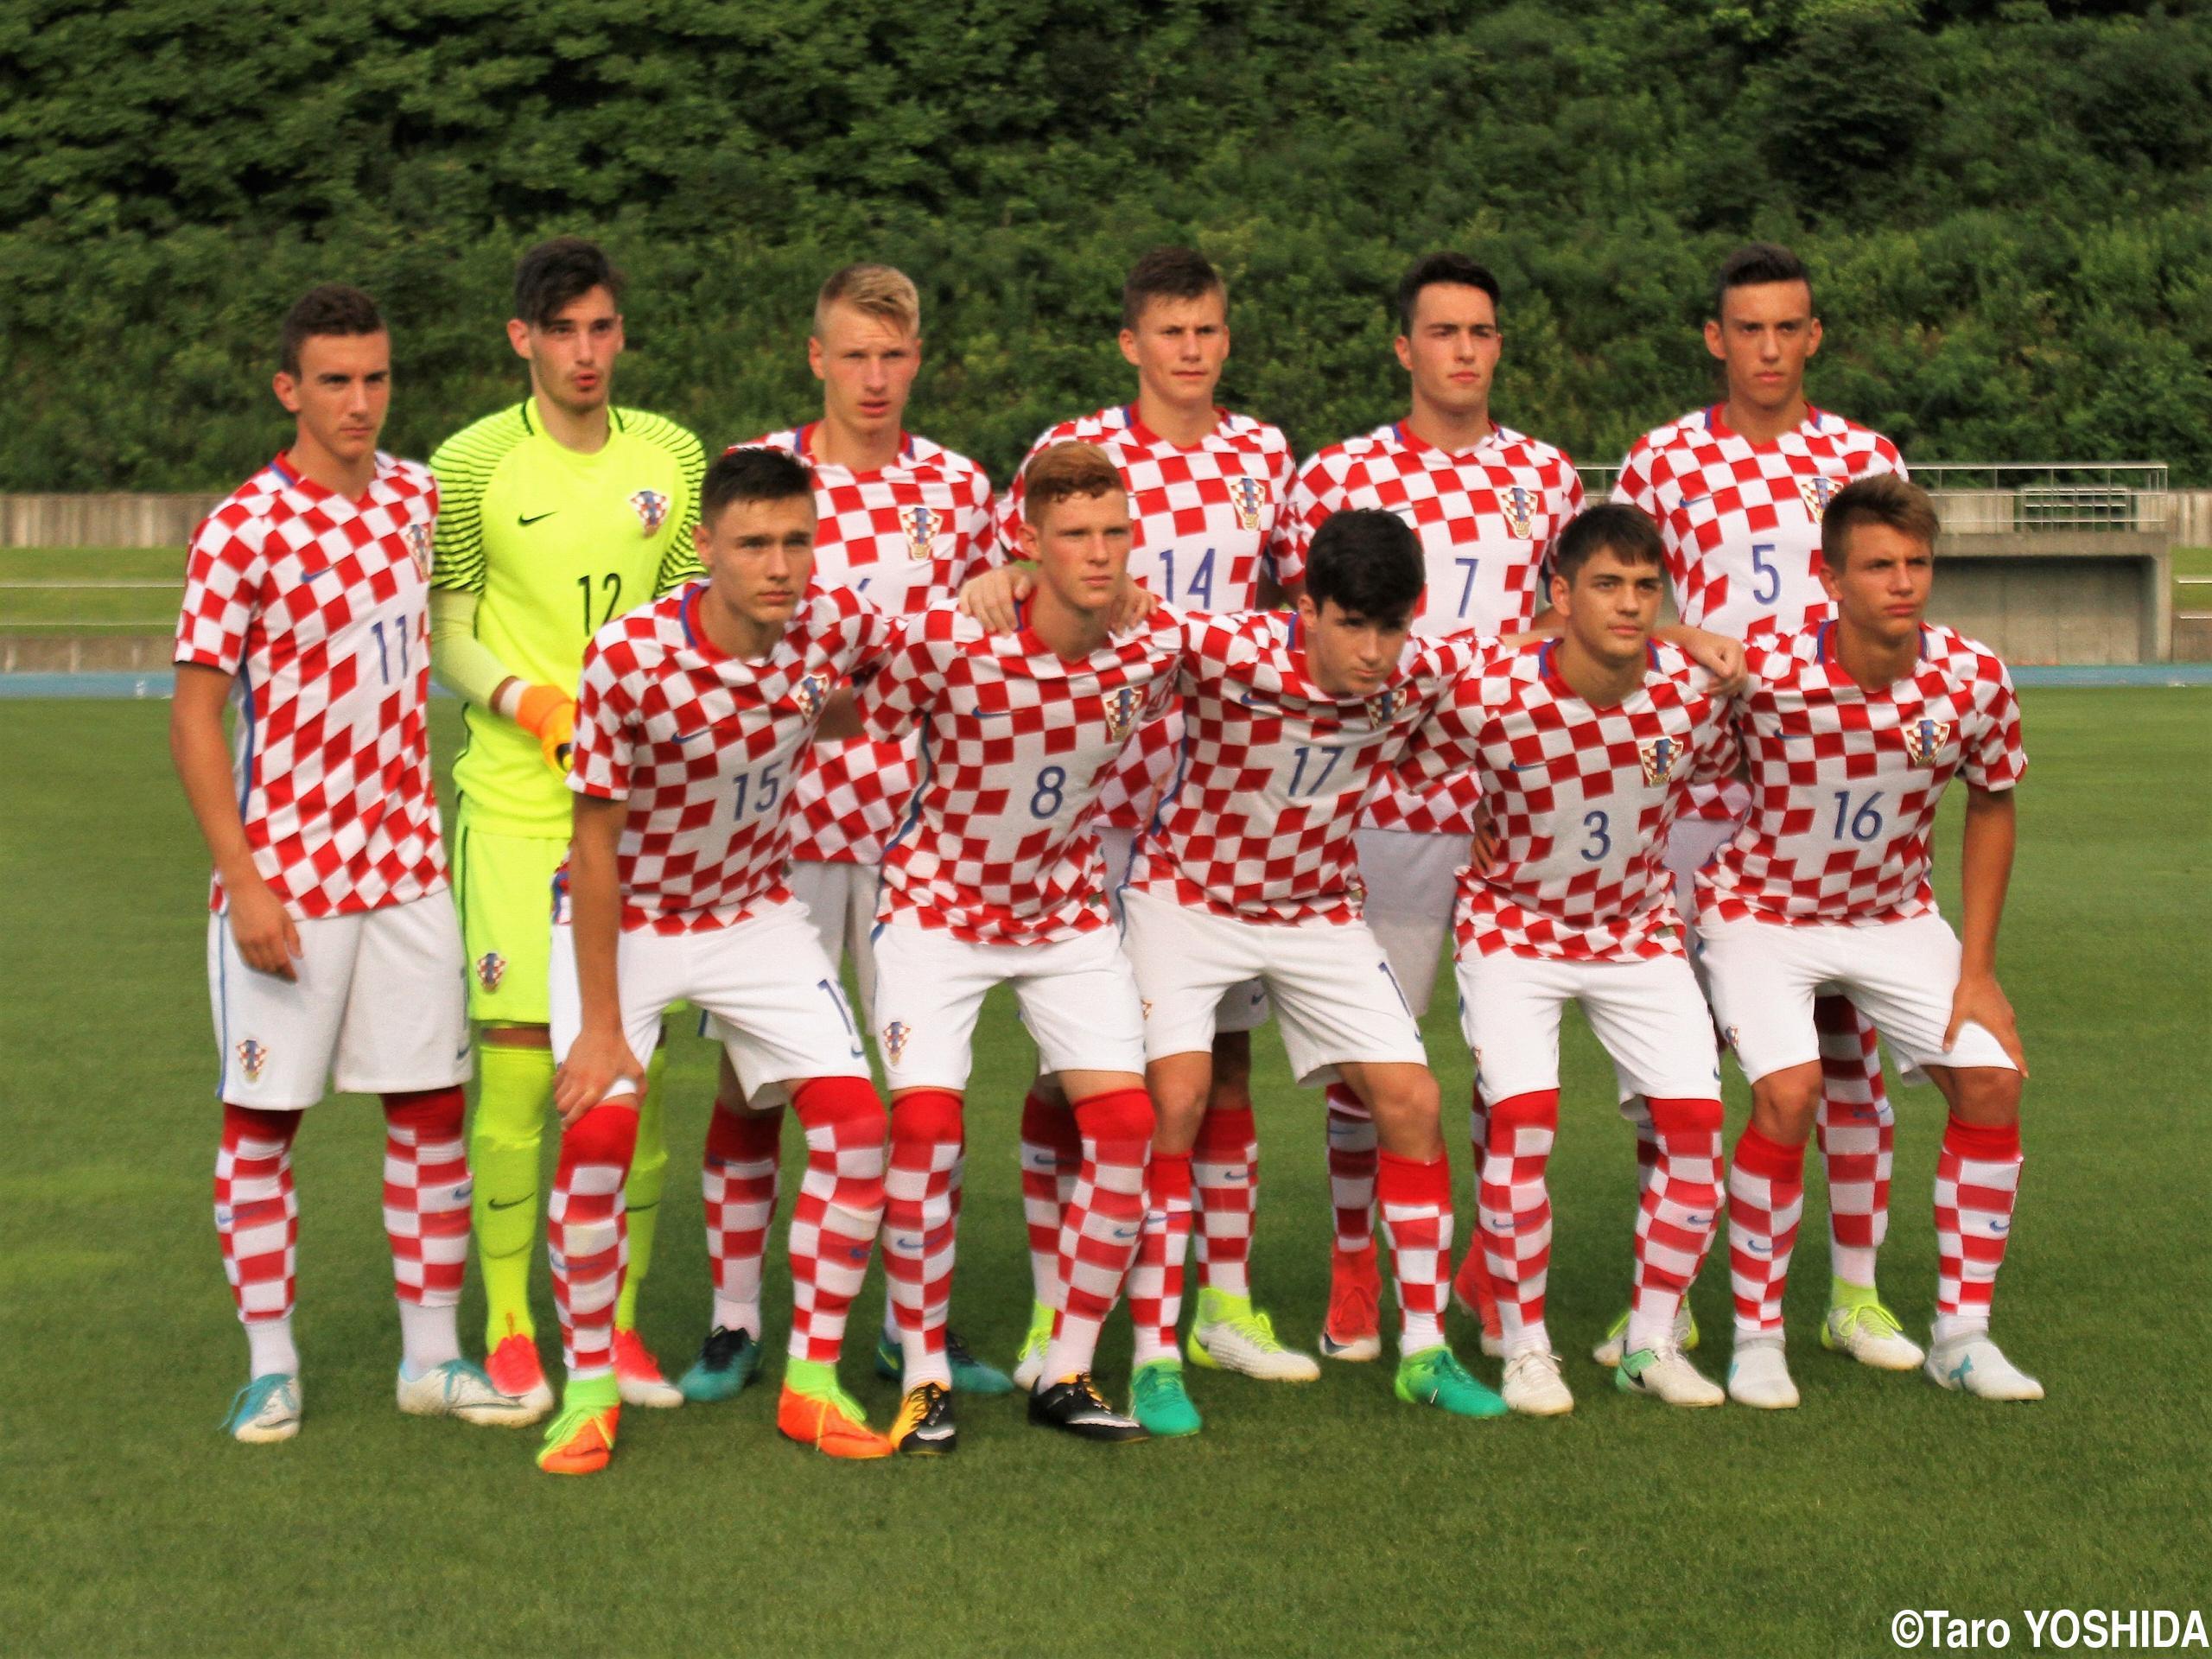 98年W杯3位メンバーのロベルト・ヤルニ監督率いるU-17クロアチア代表、U-17日本代表とドロー(4枚)